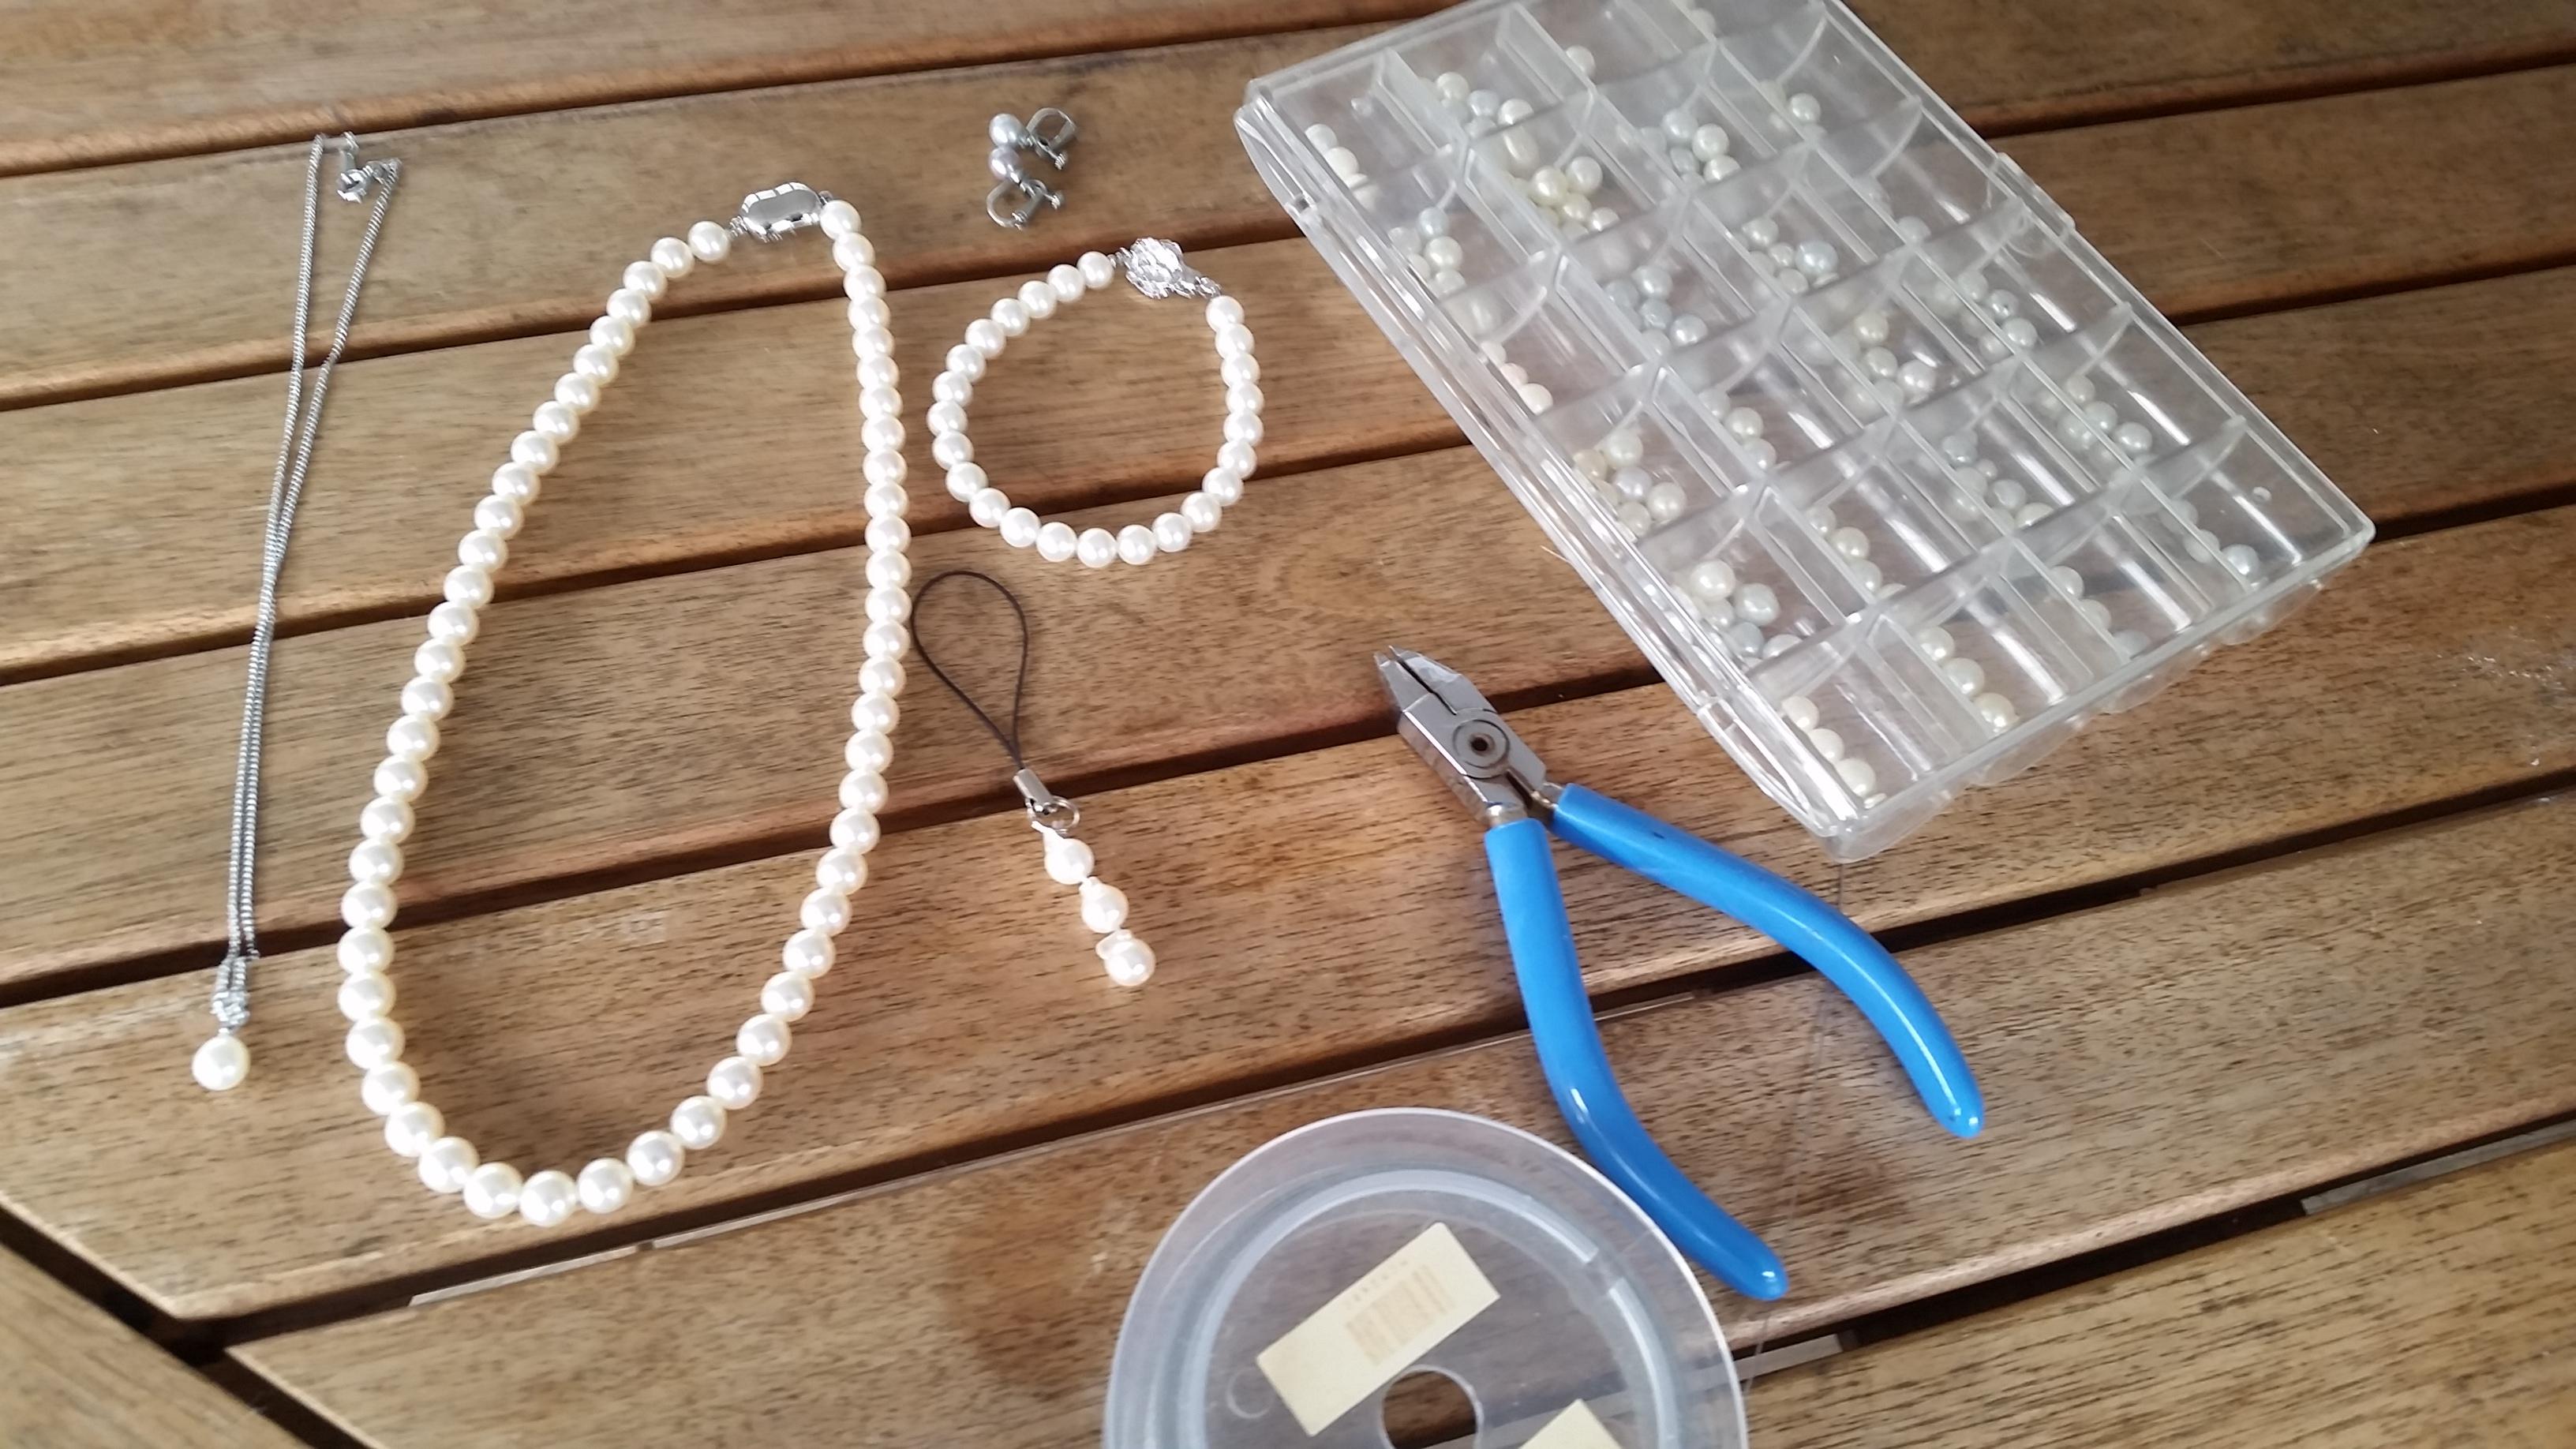 ワクワク・ドキドキ 真珠のアクセサリー作り体験好評!